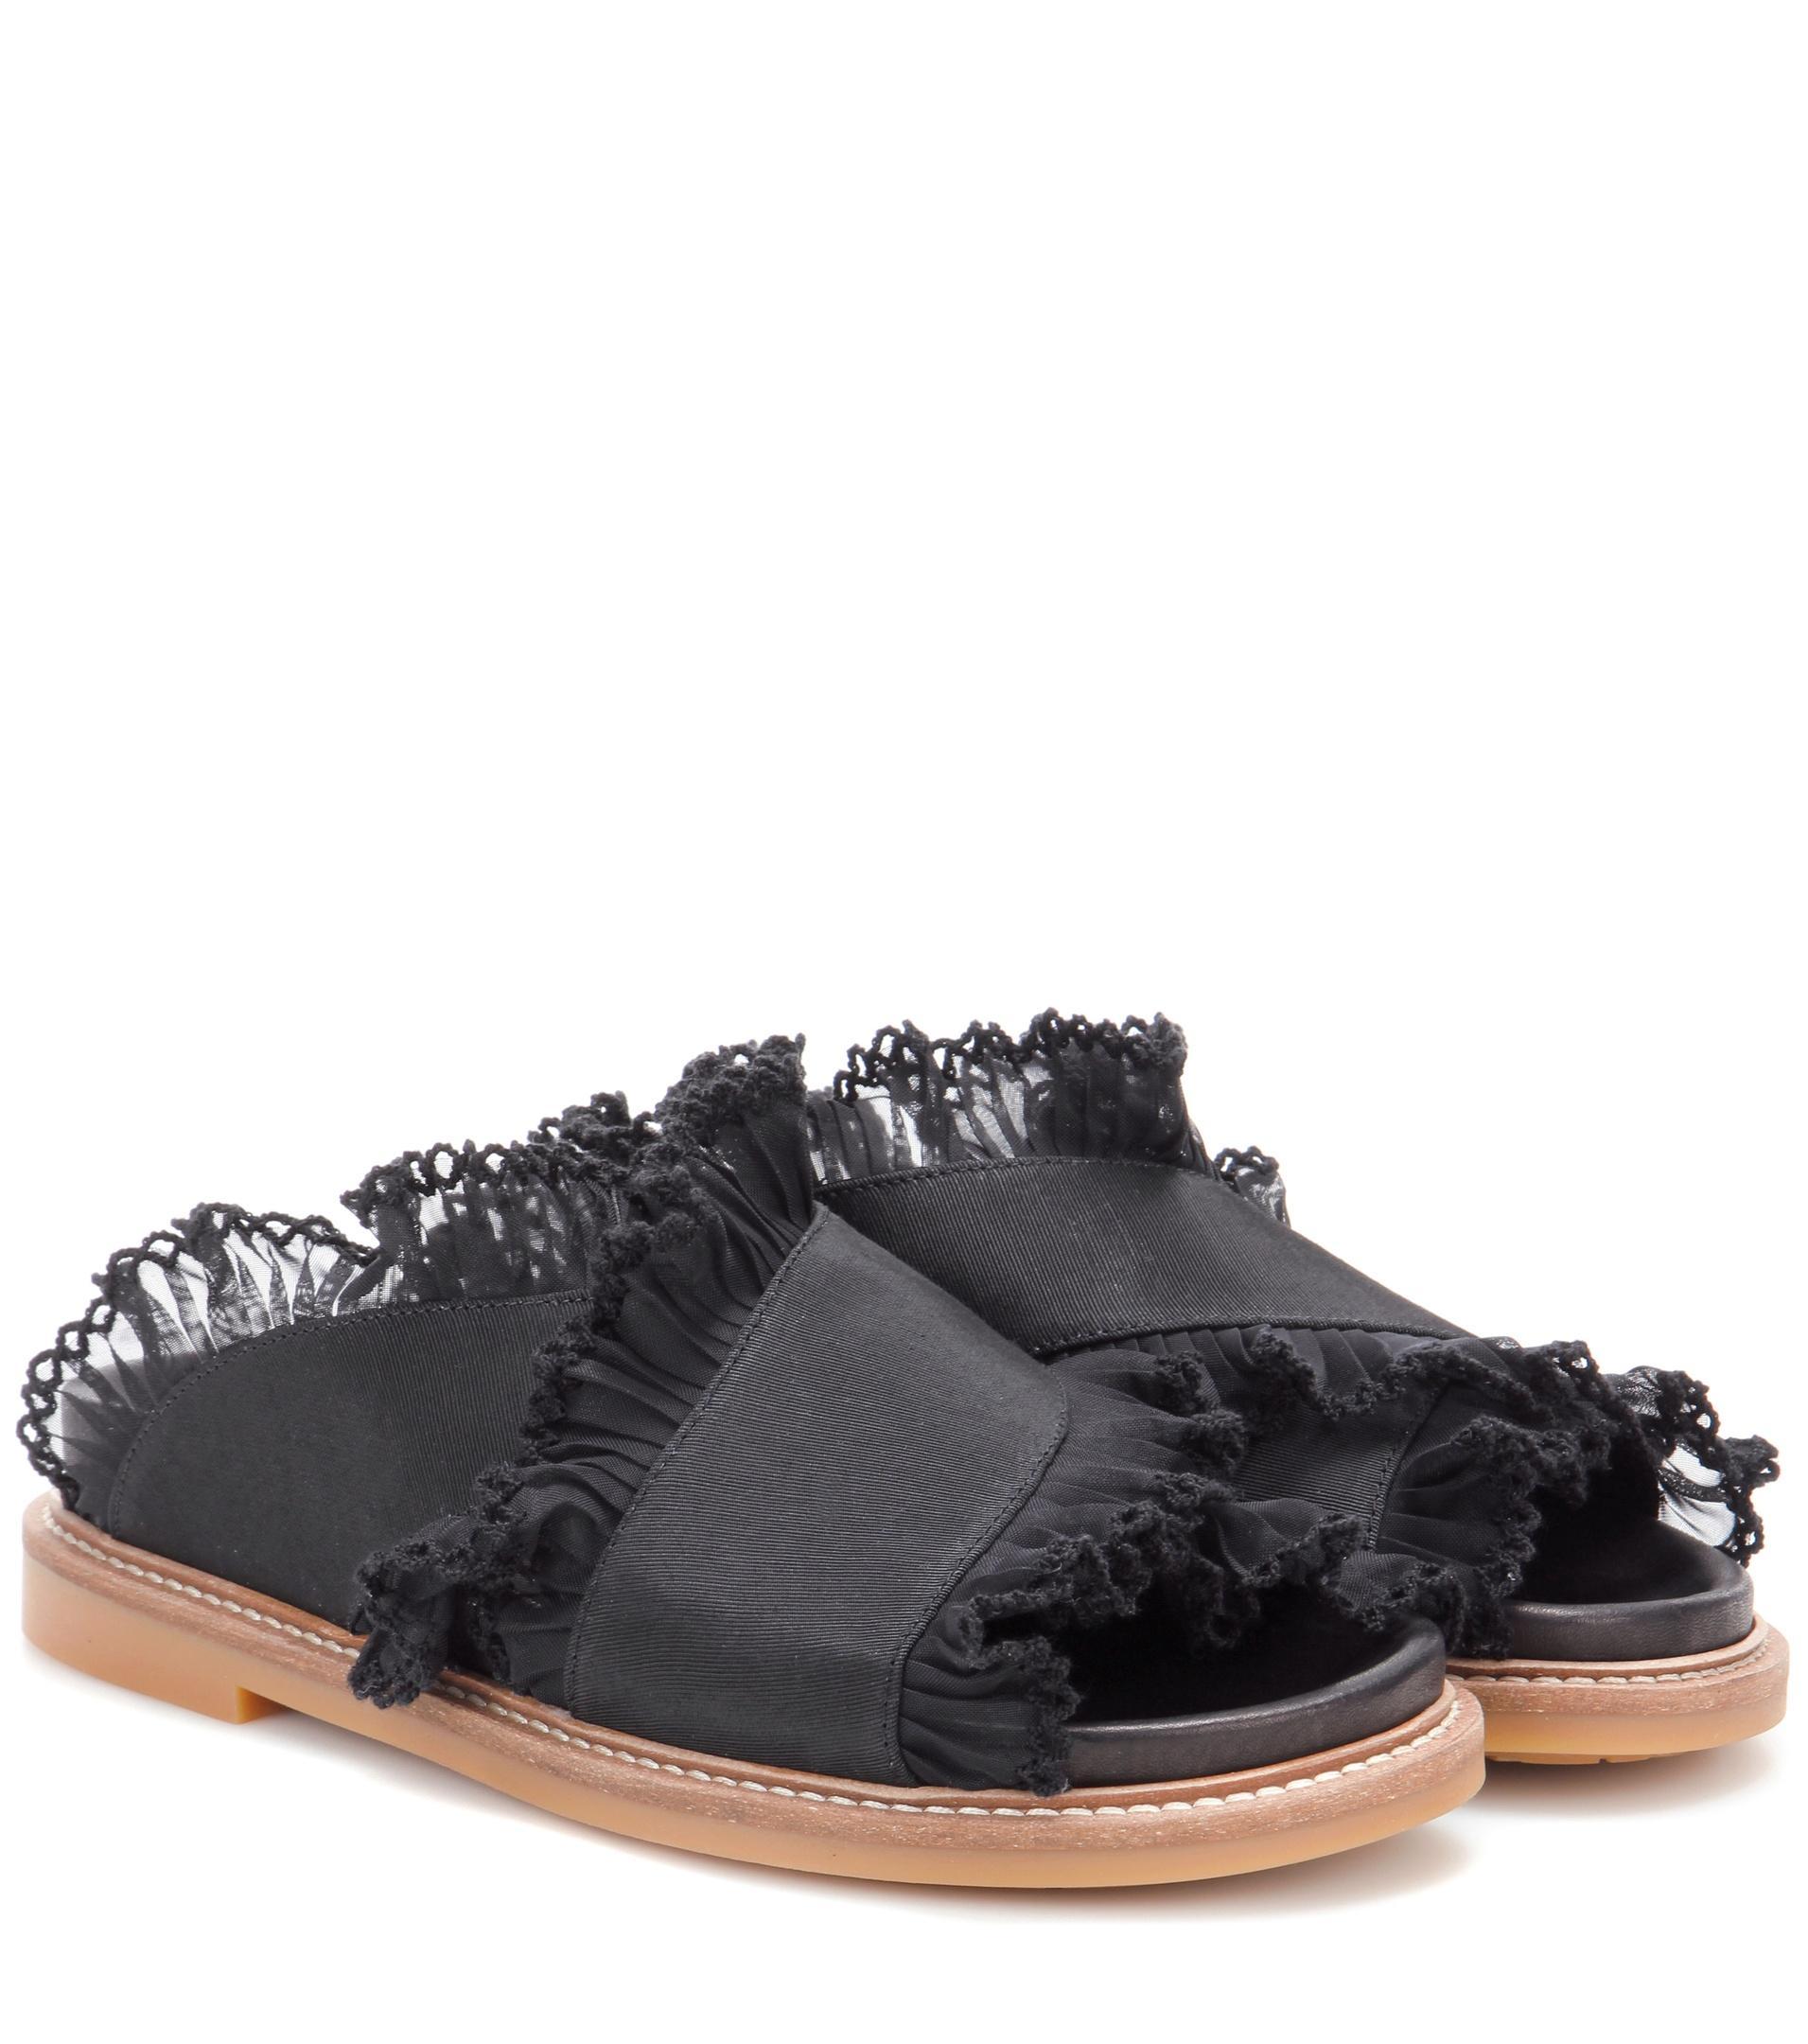 Ganni Beth Ruffle-Trimmed Canvas Sandals kDFk2SHy